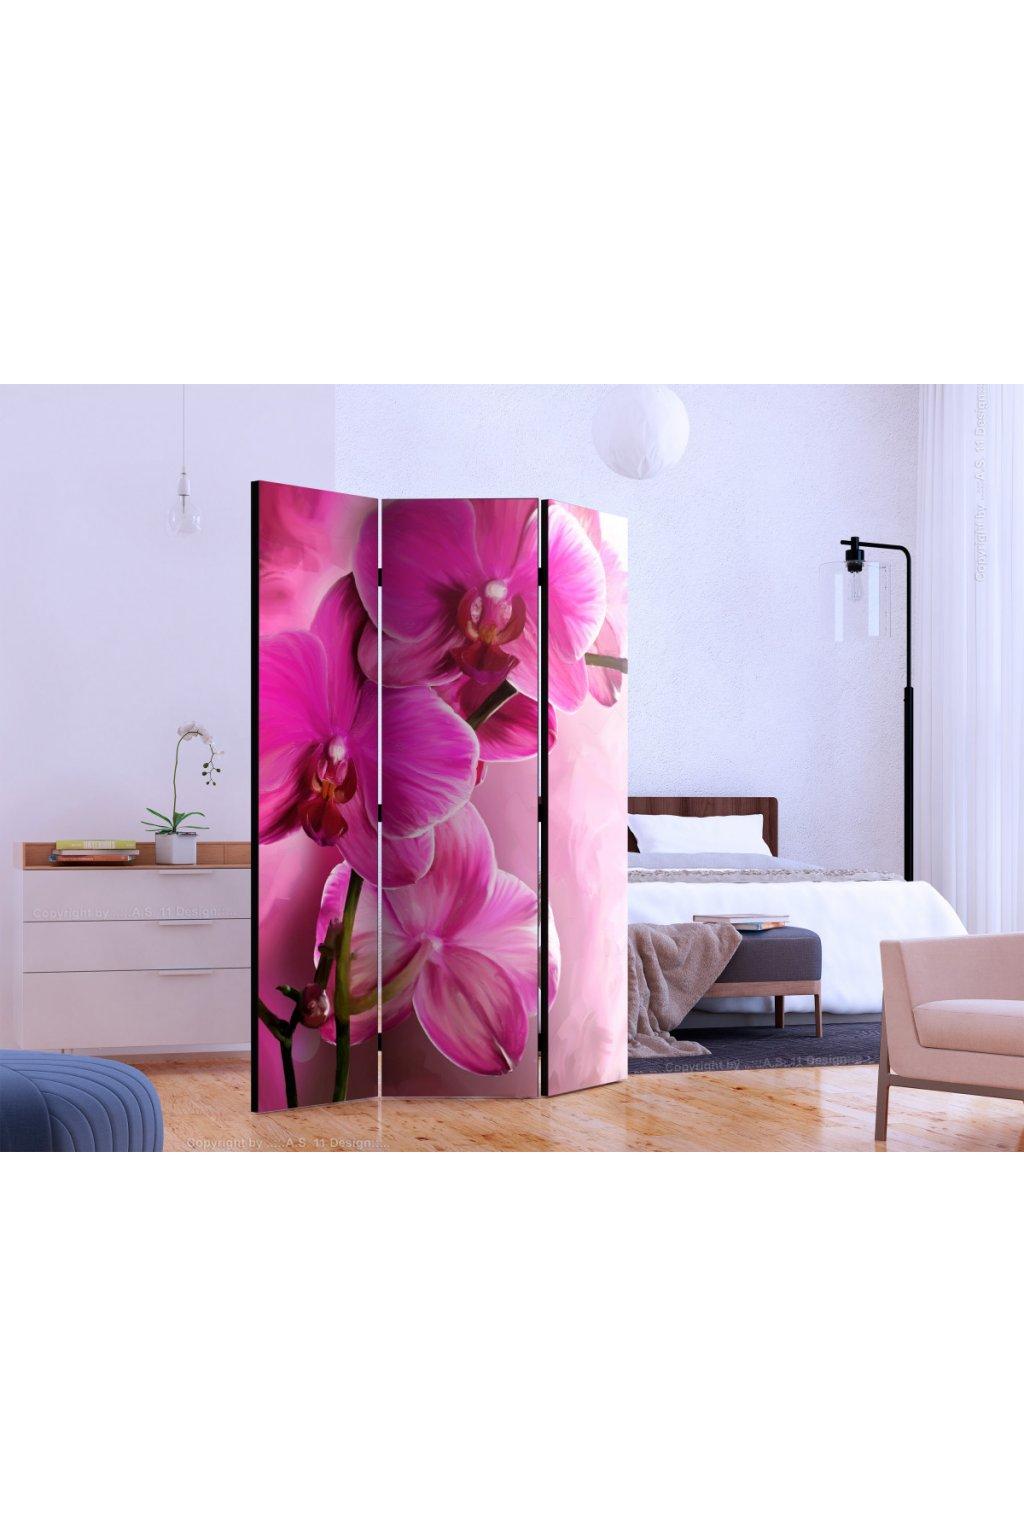 Murando DeLuxe Paraván rùžové orchideje Paravány  135x172 - zvìtšit obrázek